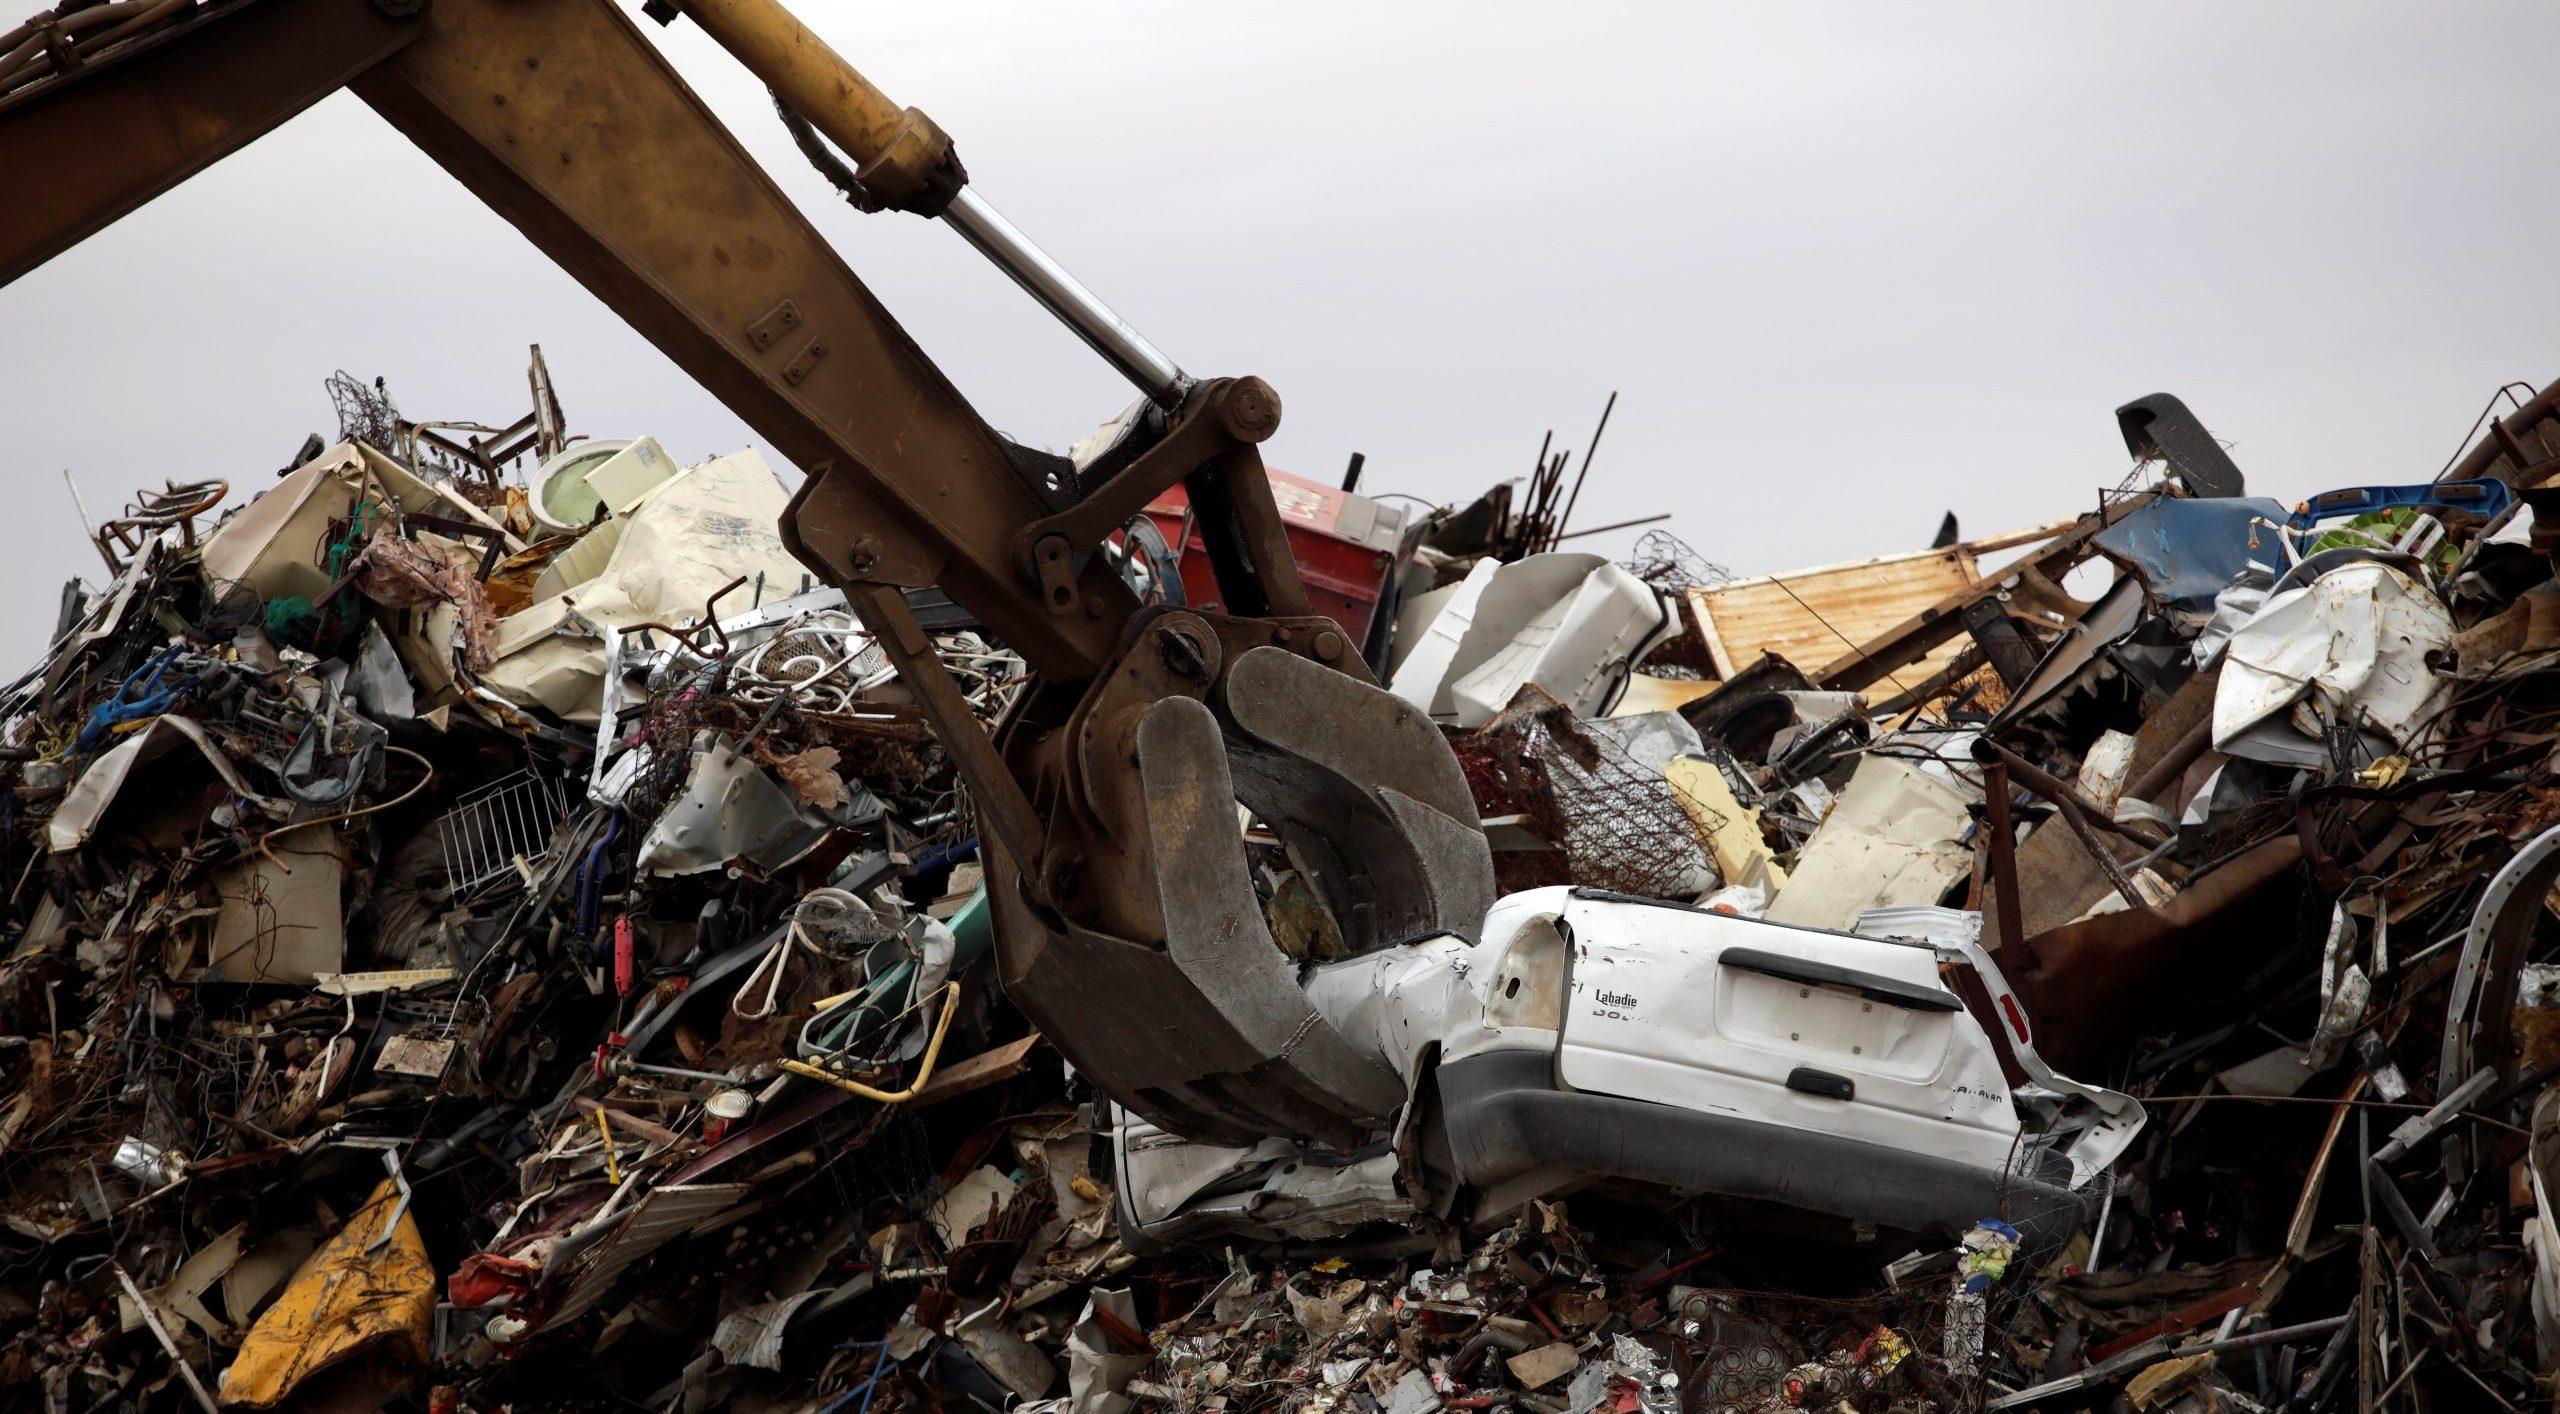 La industria automotriz pide un plan de chatarrización (como el de Felipe Calderón) para 'revivir'